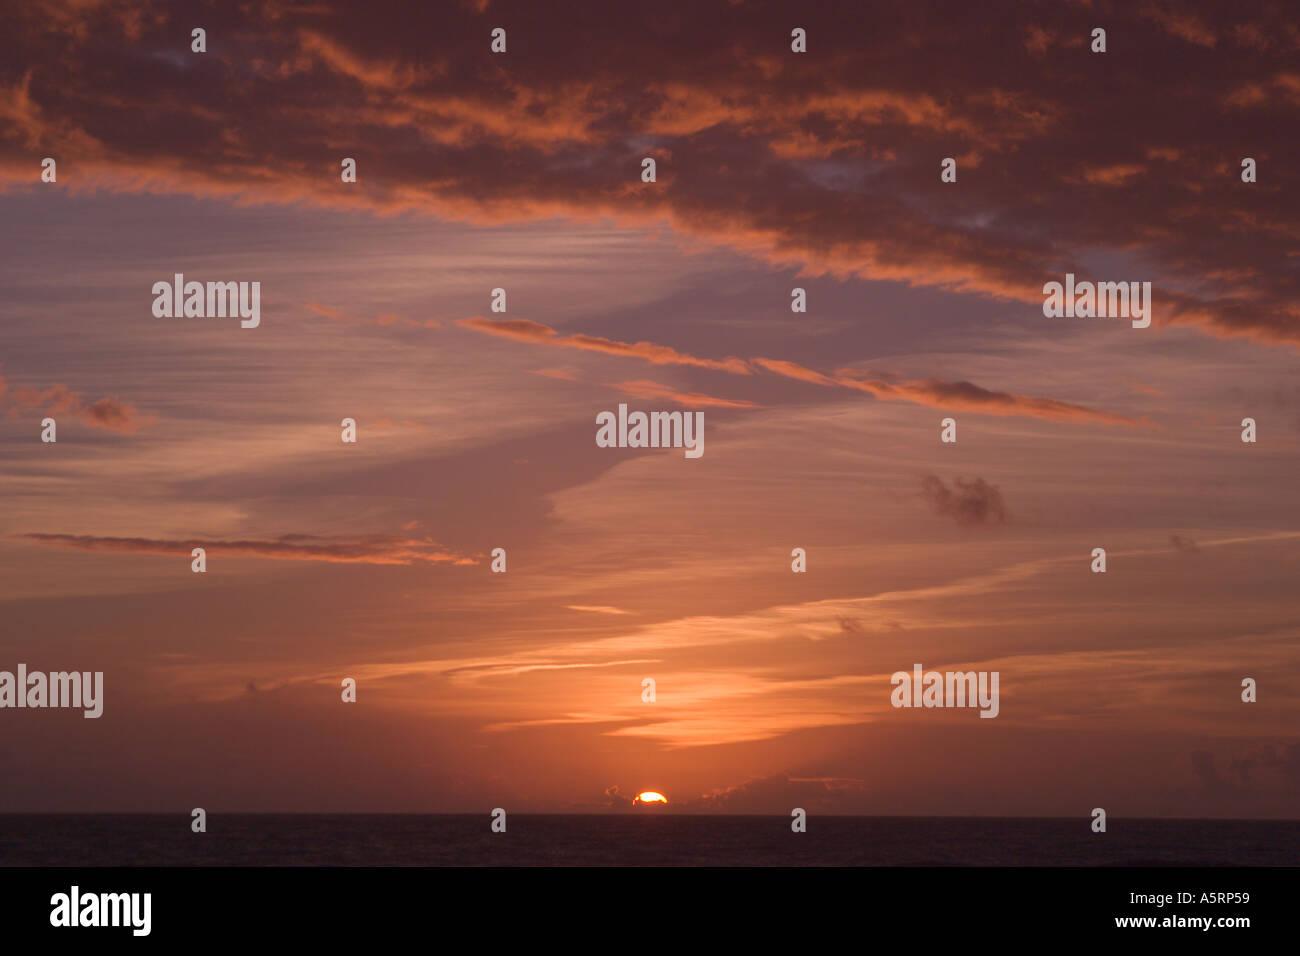 Sonnenaufgang oder Sonnenuntergang bei bewölktem Himmel Stockbild